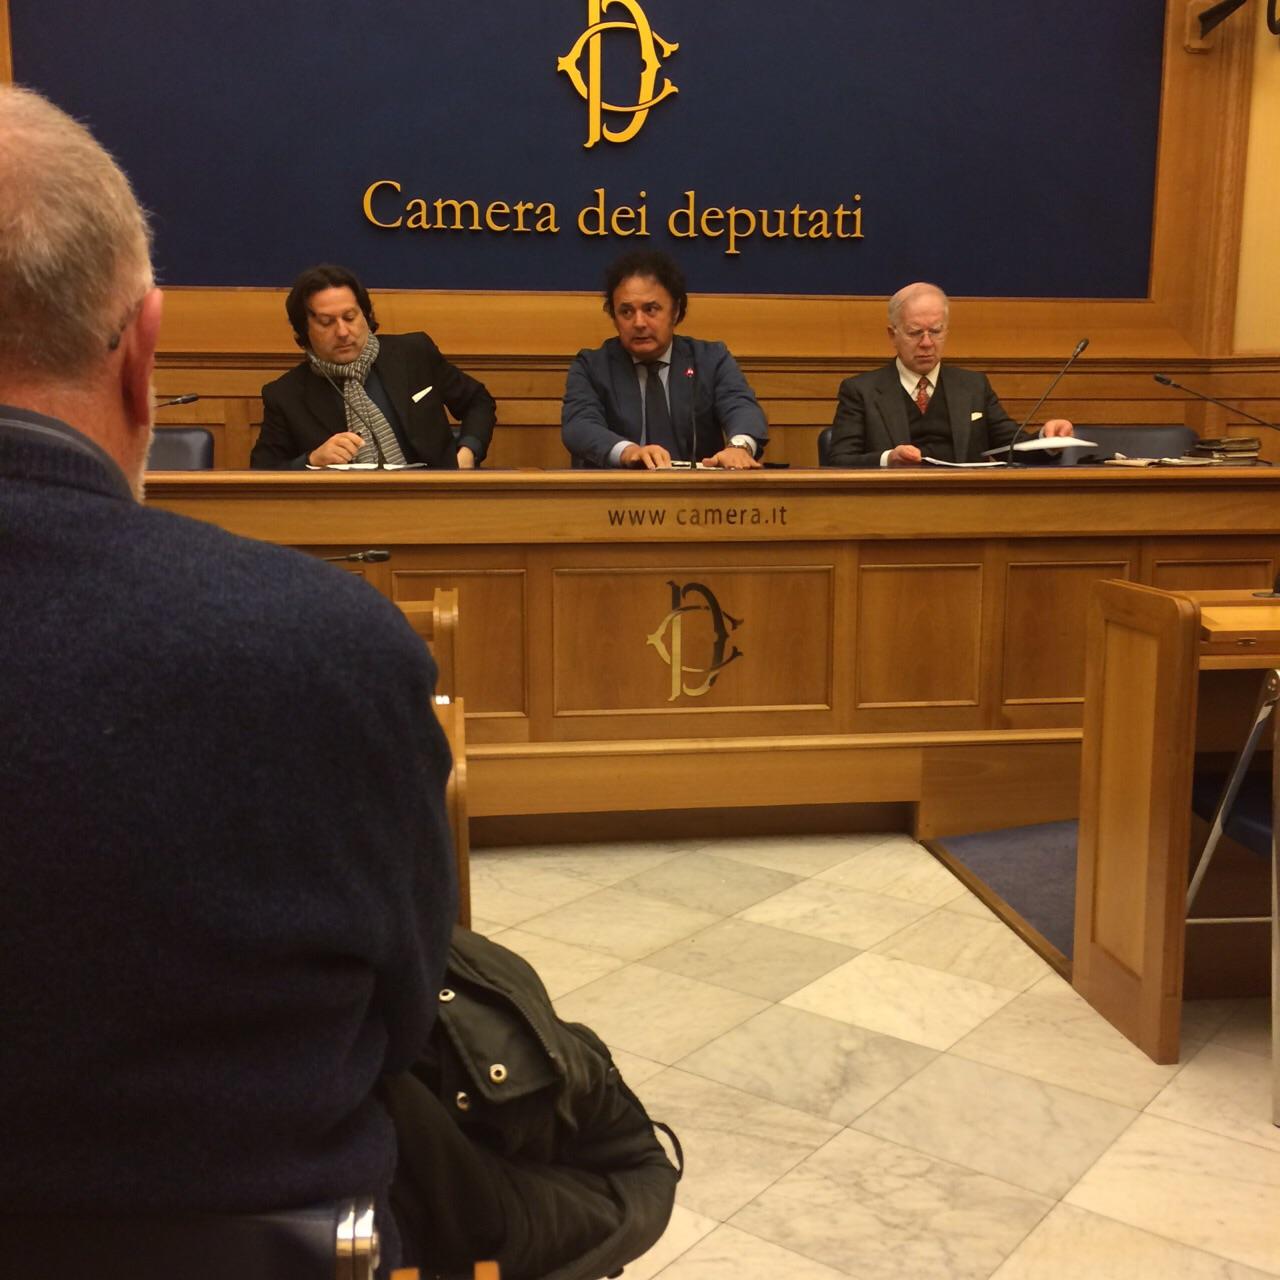 Presentato alla camera dei deputati il libro sul movimento for Rassegna stampa camera deputati